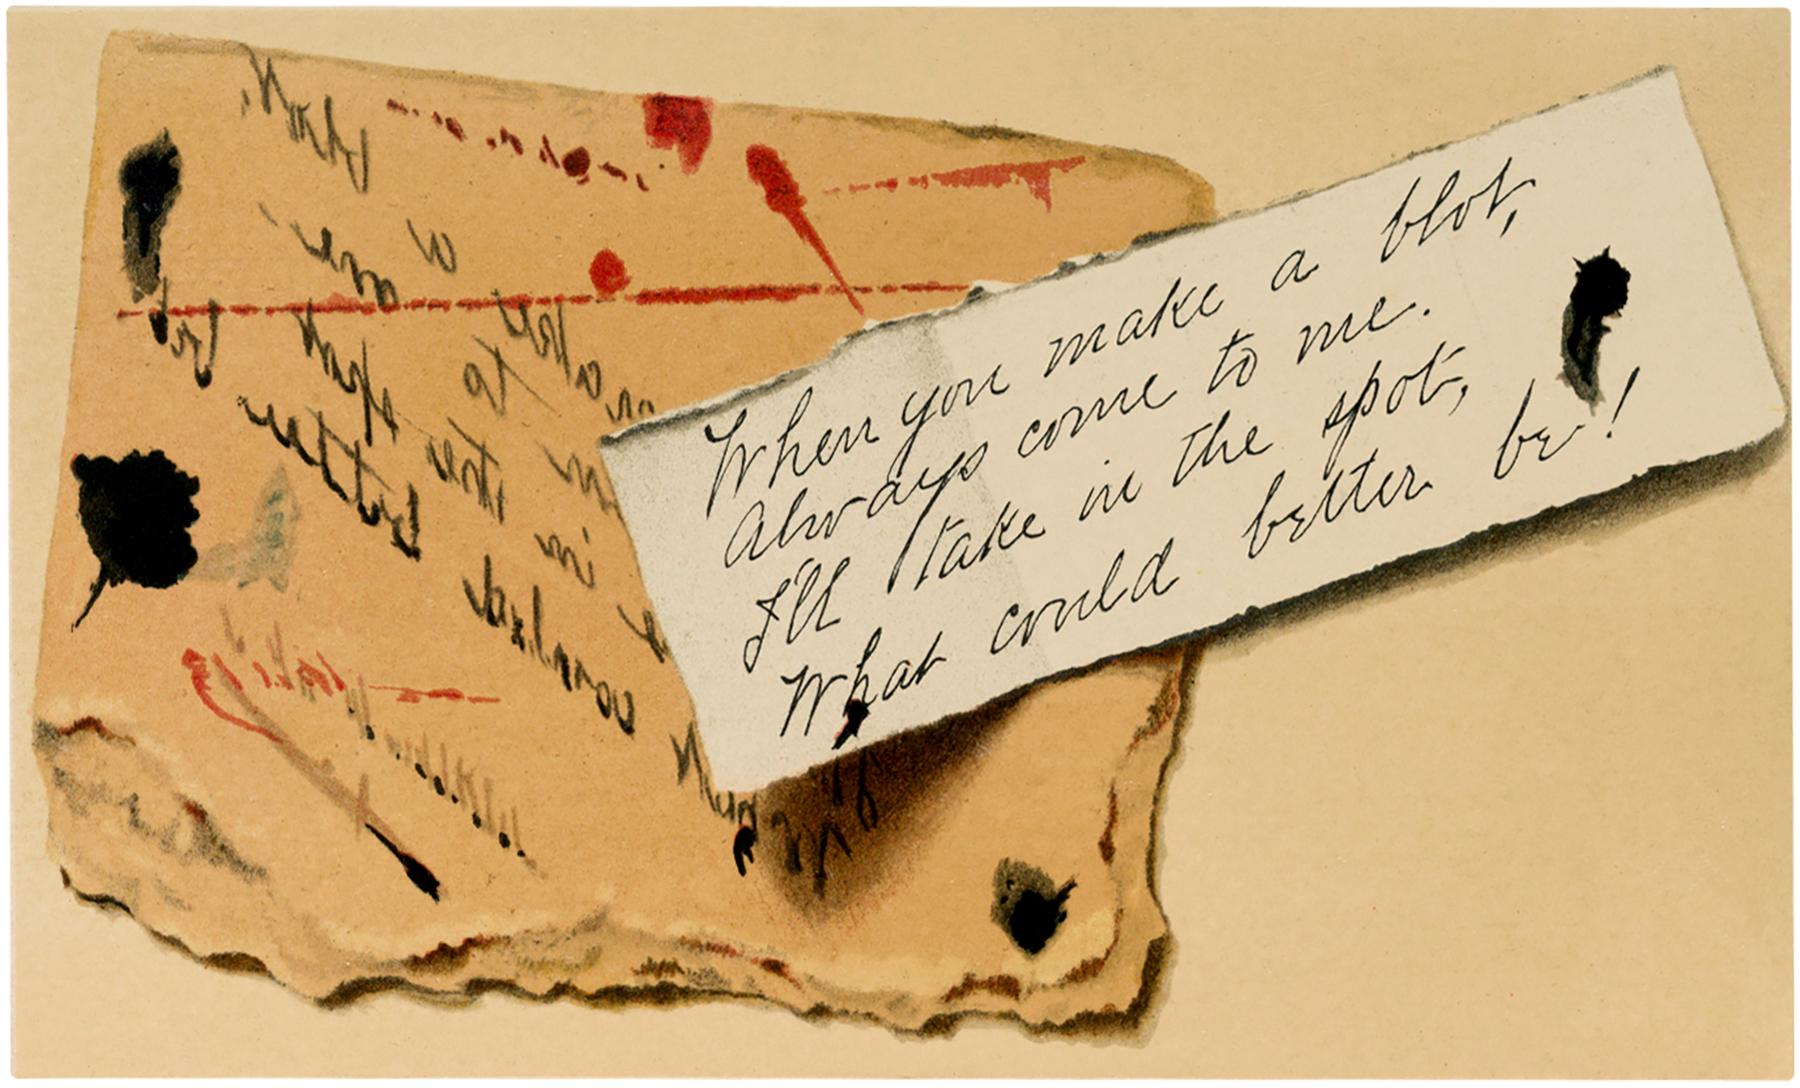 Vintage Scrap Note Image